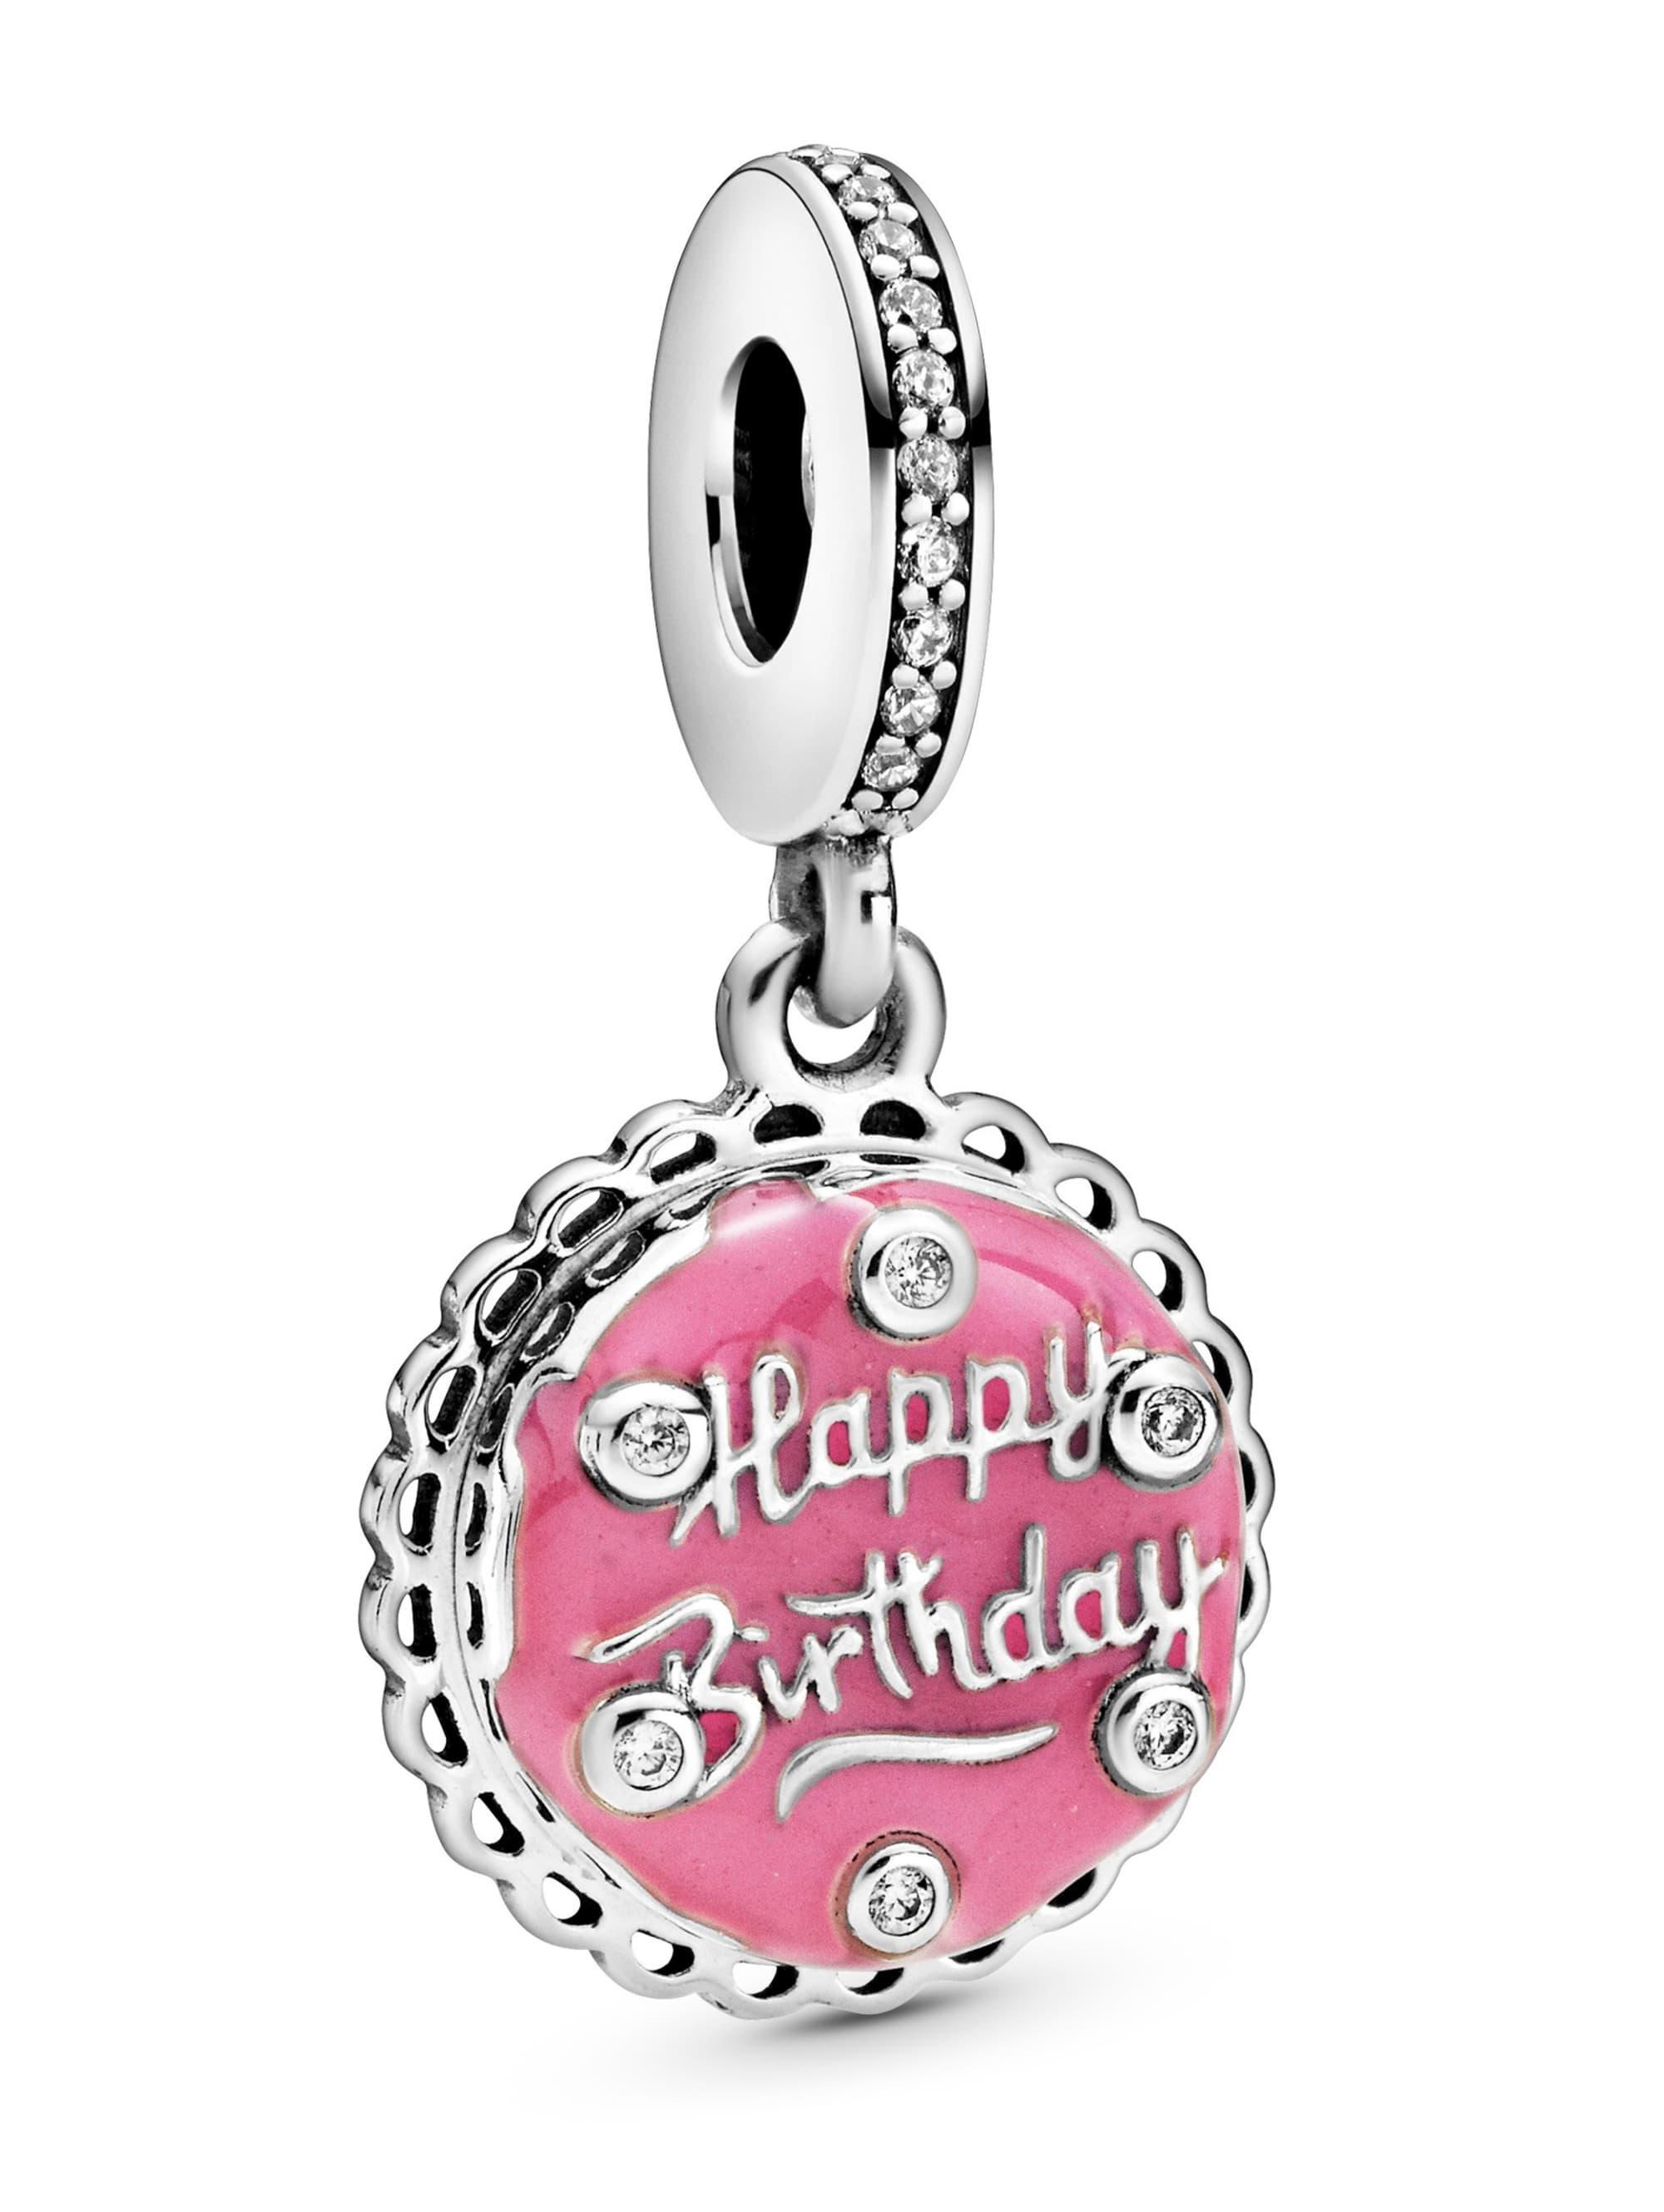 Pandora Charm-Anhänger -Pinkfarbener Geburtstagskuchen- 798888C01 Tvlrb